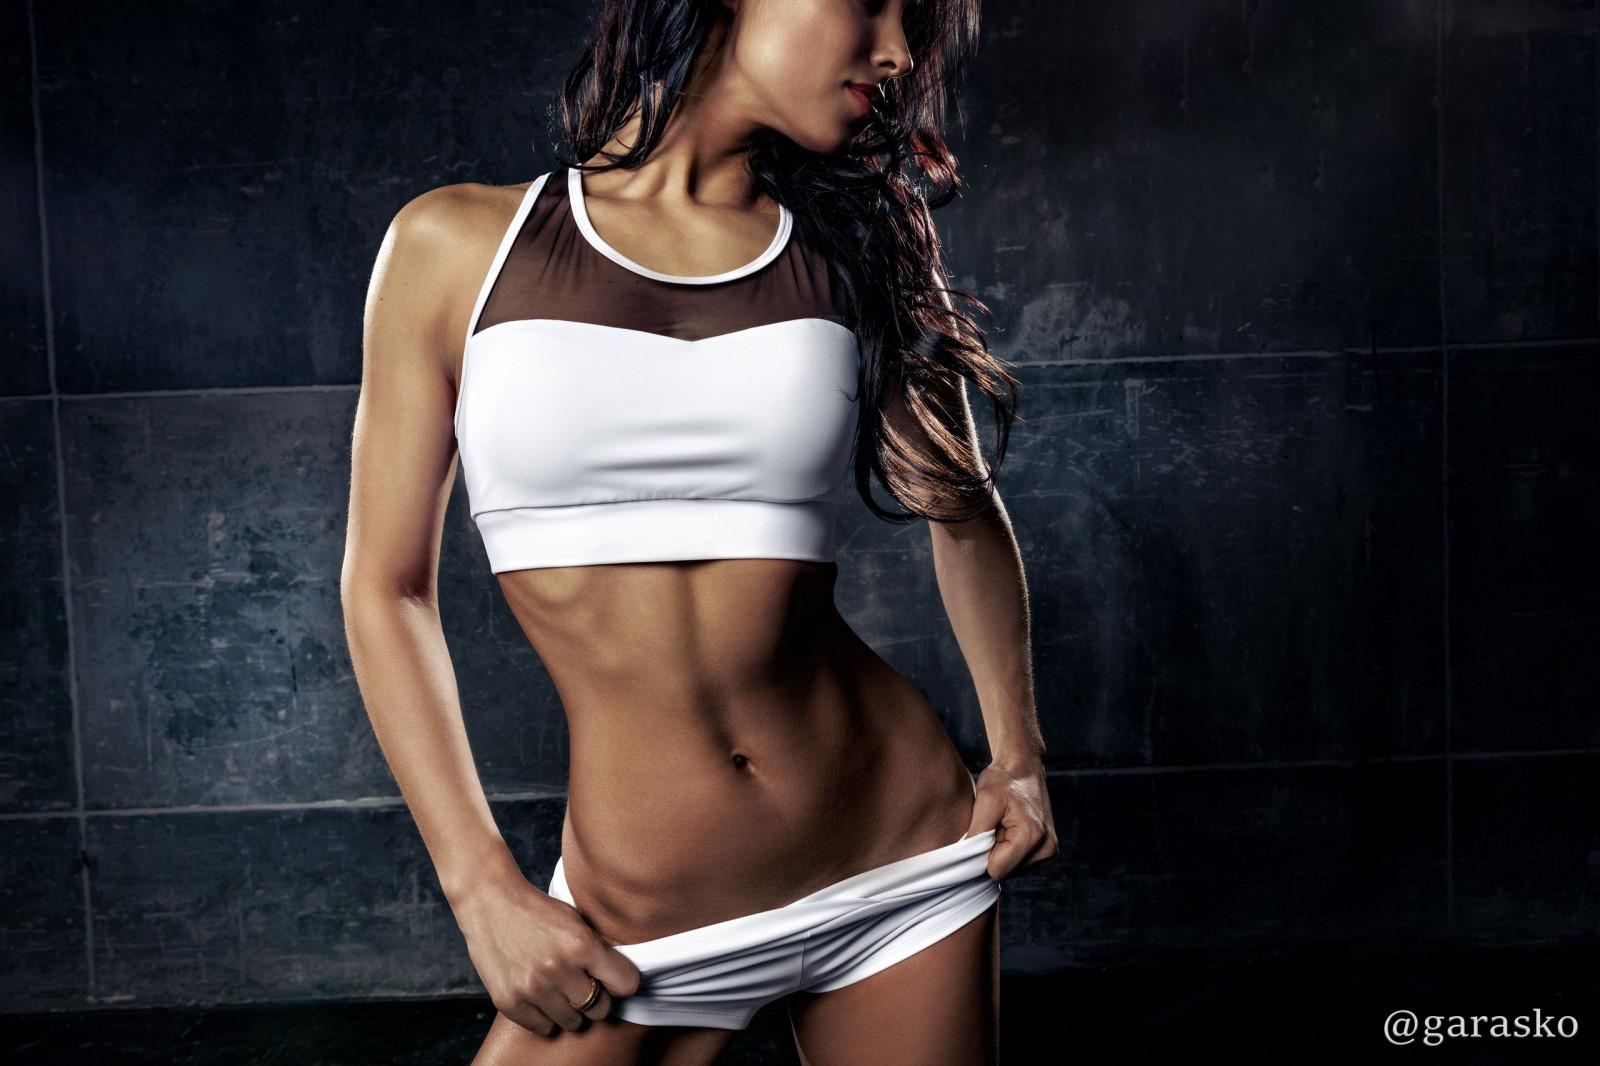 пользователи, обратите красивое тело женщины фото здесь такие страстные